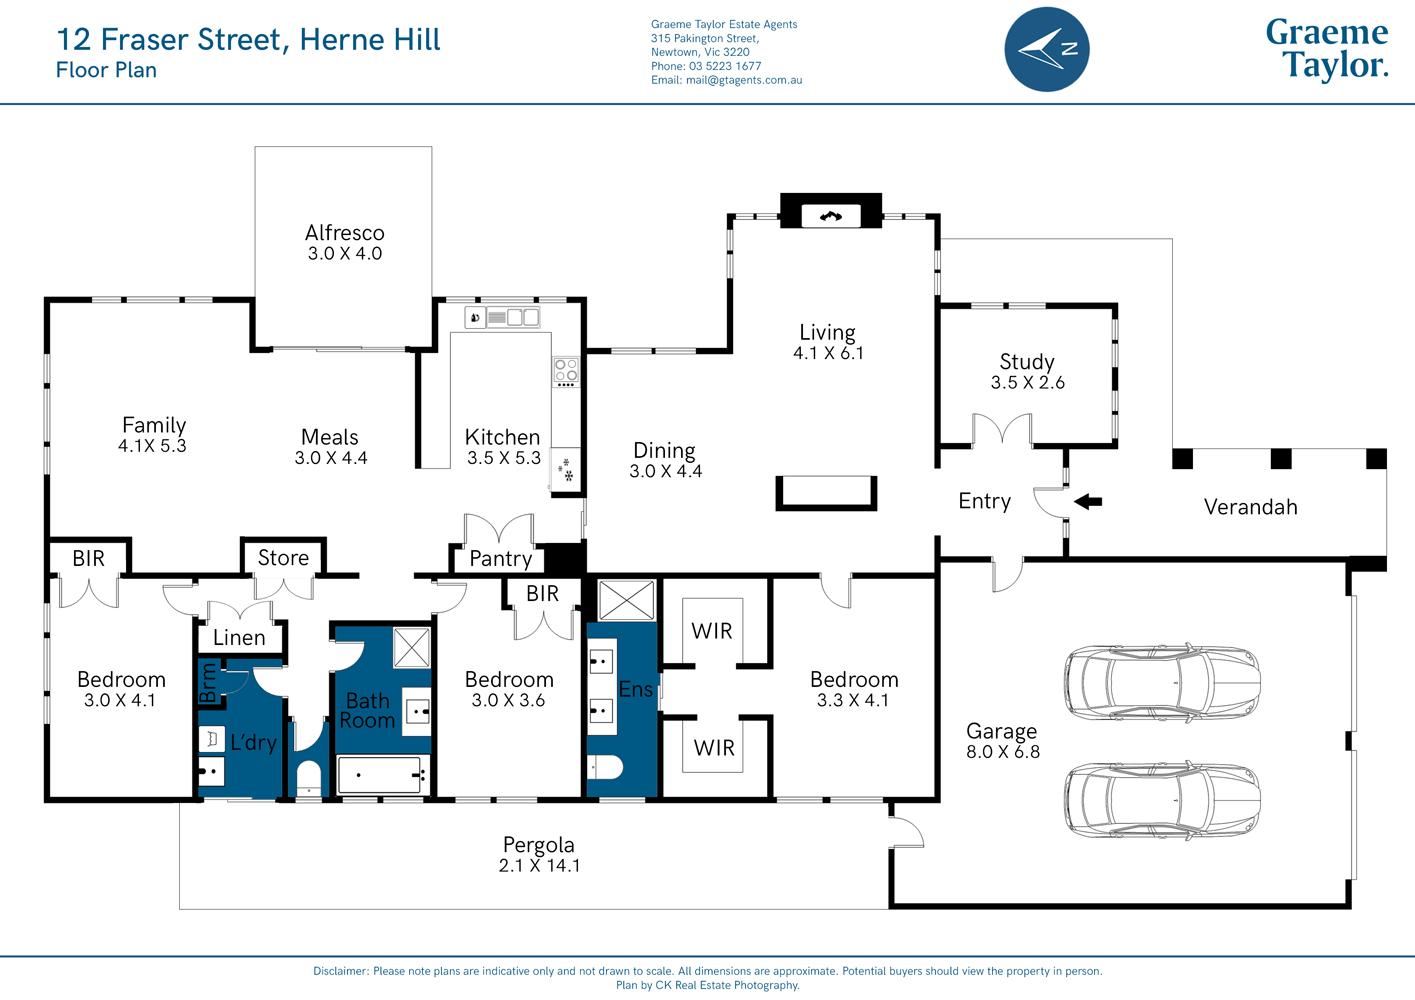 12 Fraser Street, Herne Hill